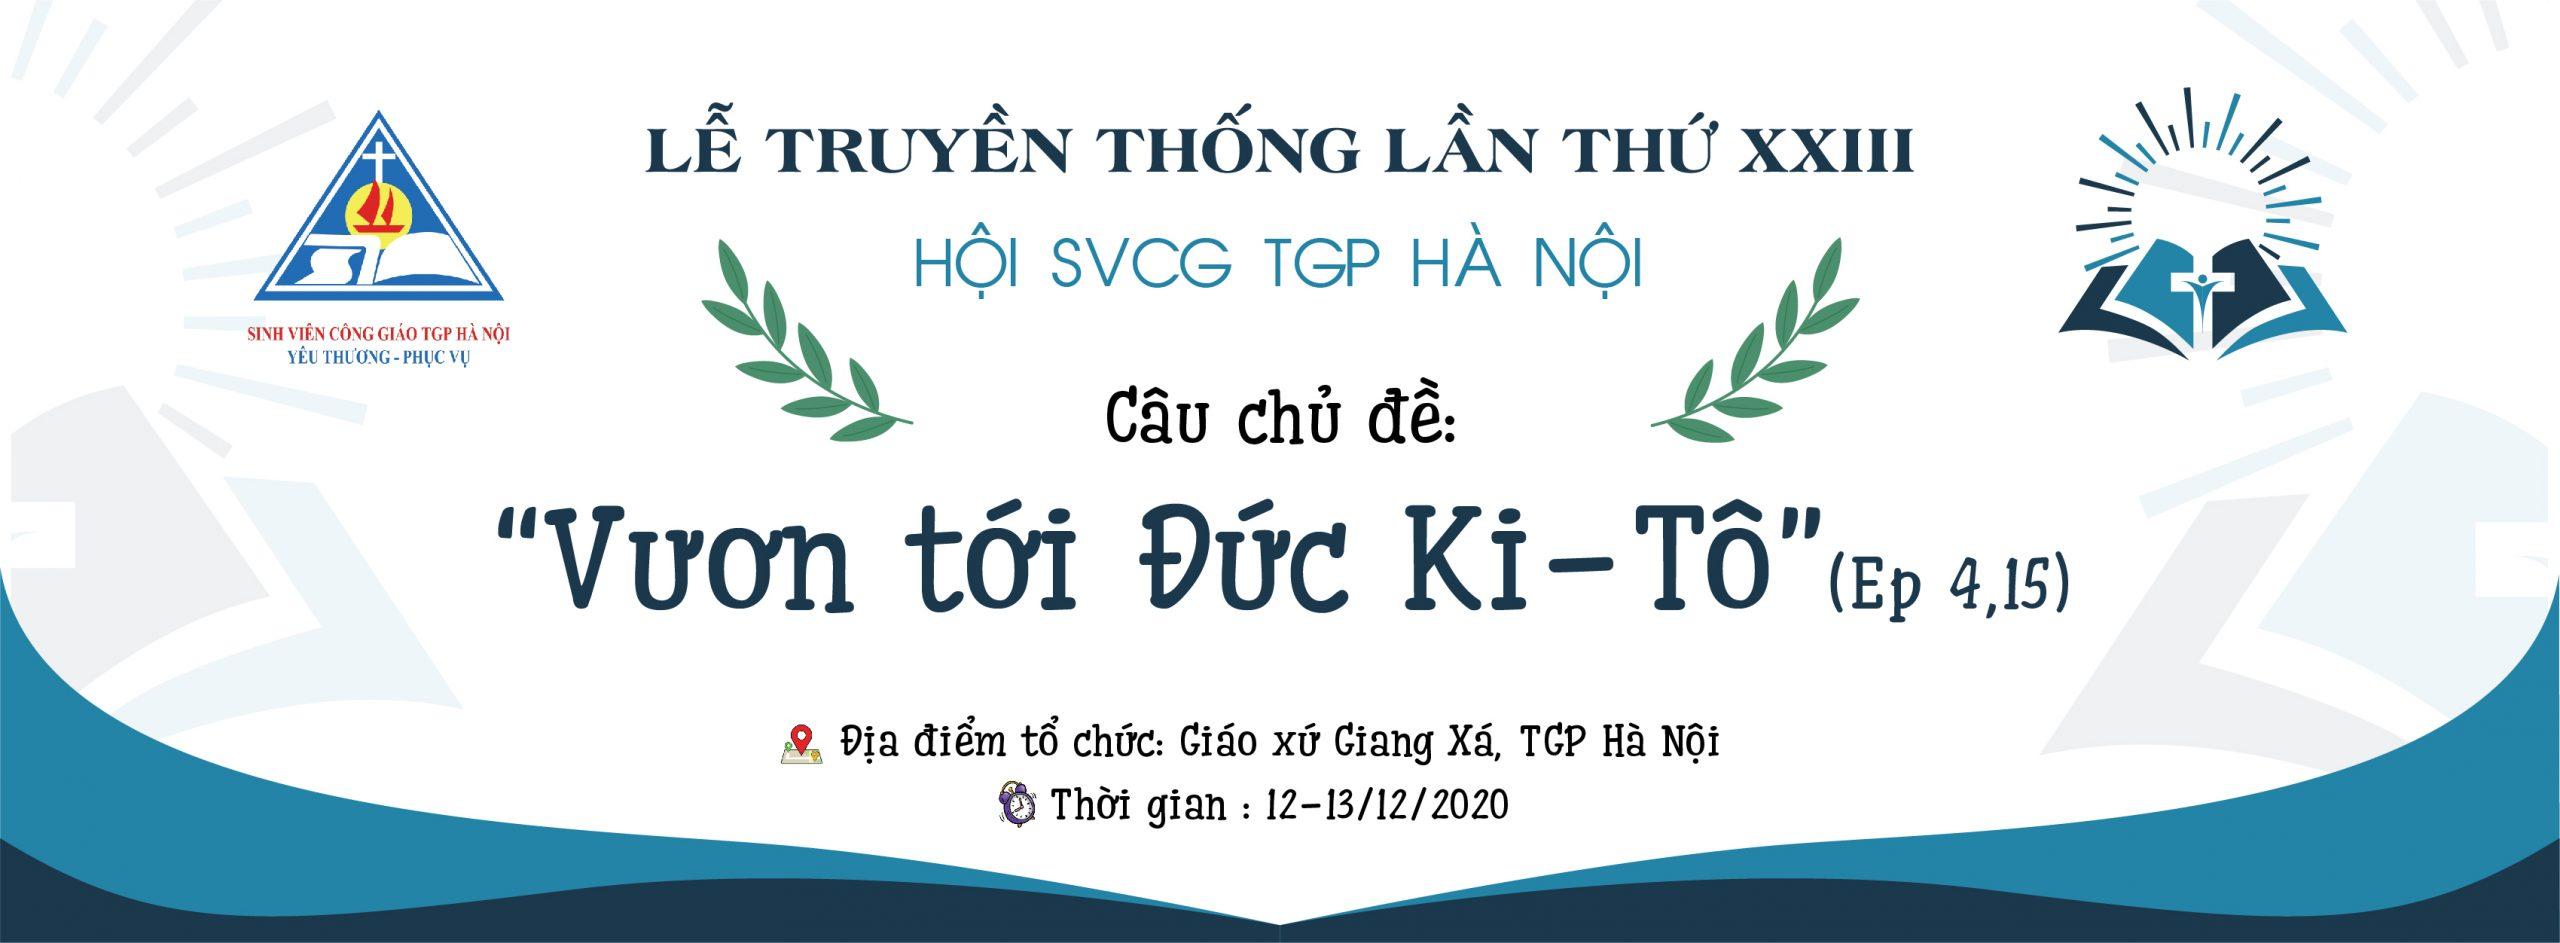 Hội Sinh Viên Công Giáo TGP Hà Nội